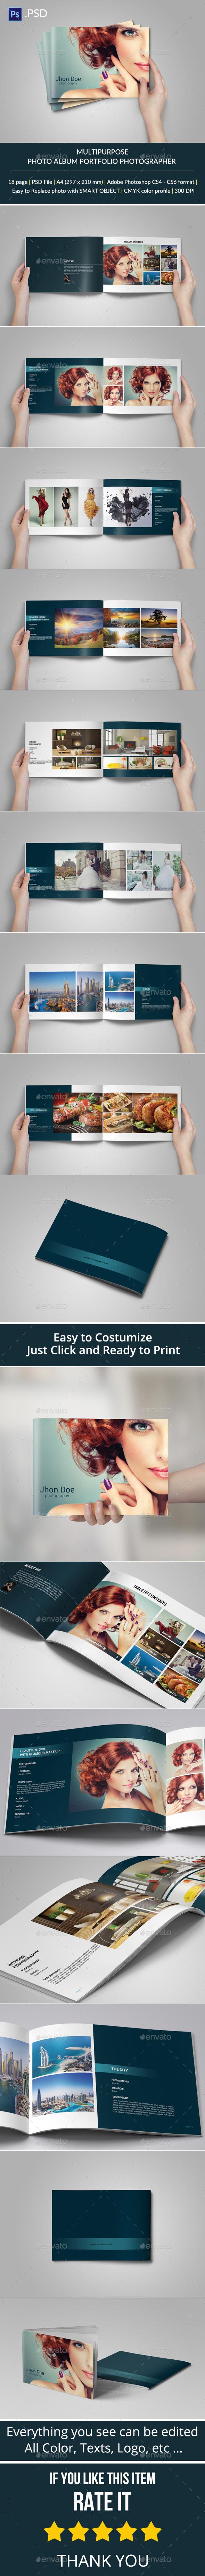 Multipurpose Brochure or Photo Album - Portfolio Brochures